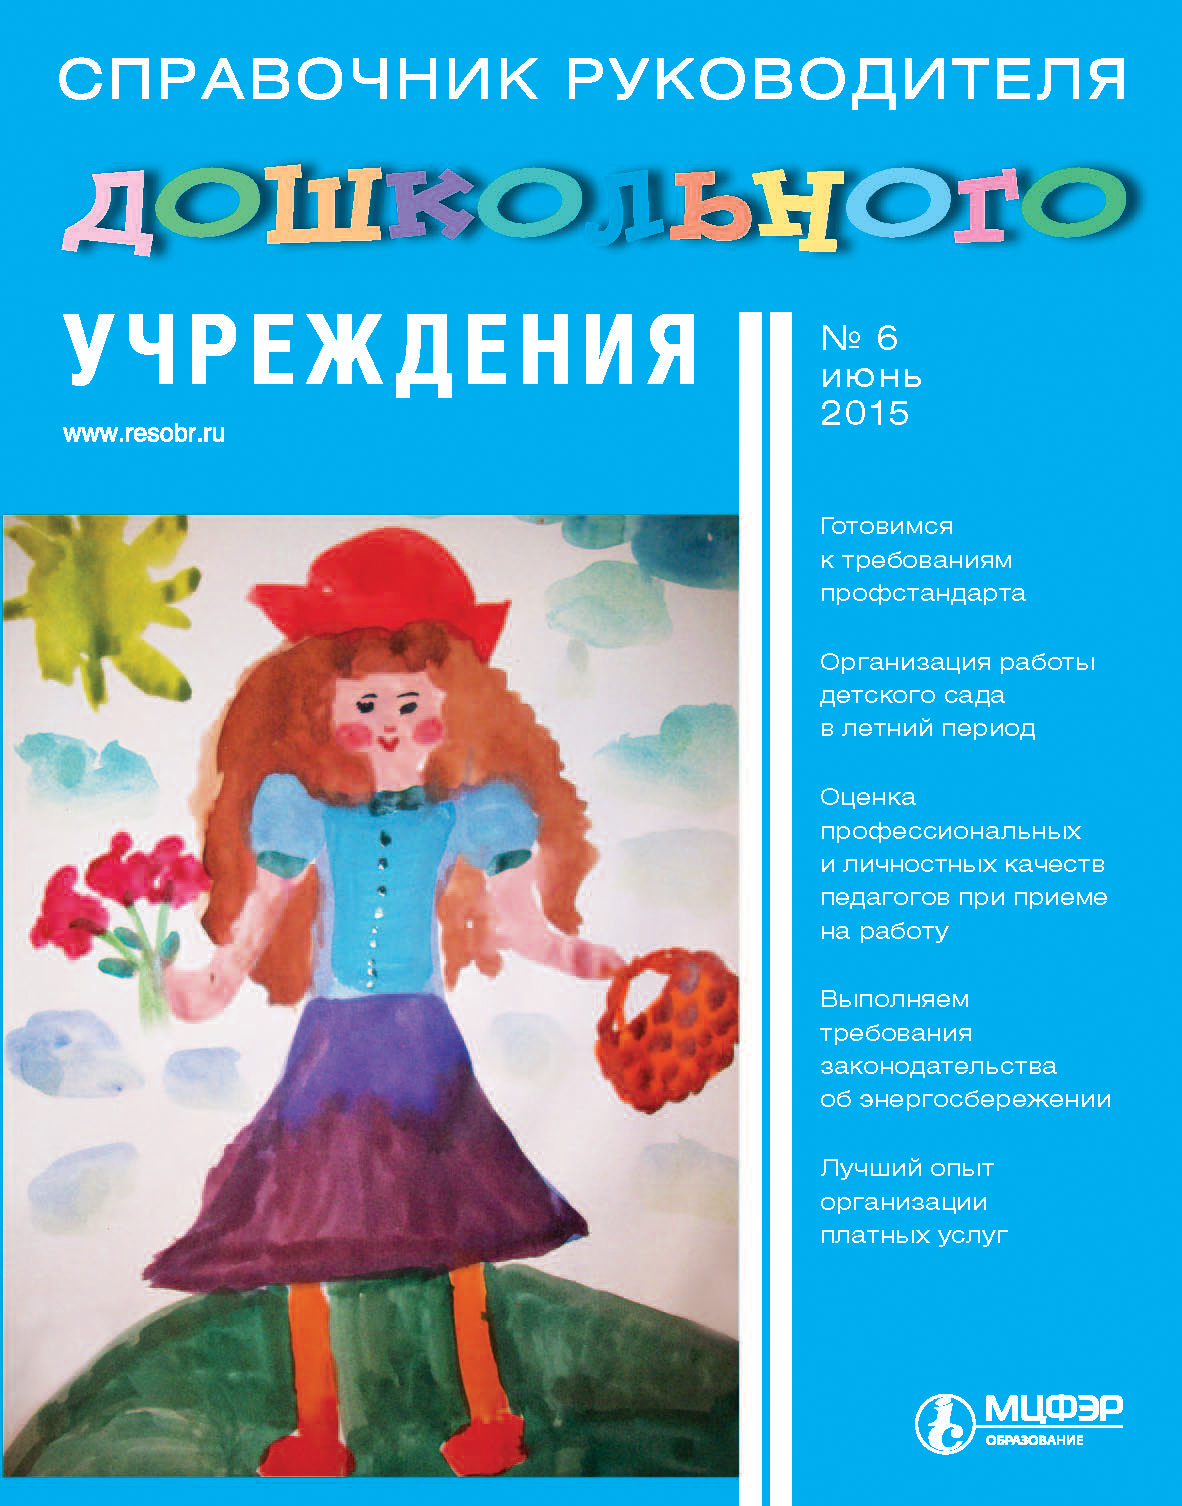 Отсутствует Справочник руководителя дошкольного учреждения № 6 2015 медработник дошкольного образовательного учреждения 7 2016